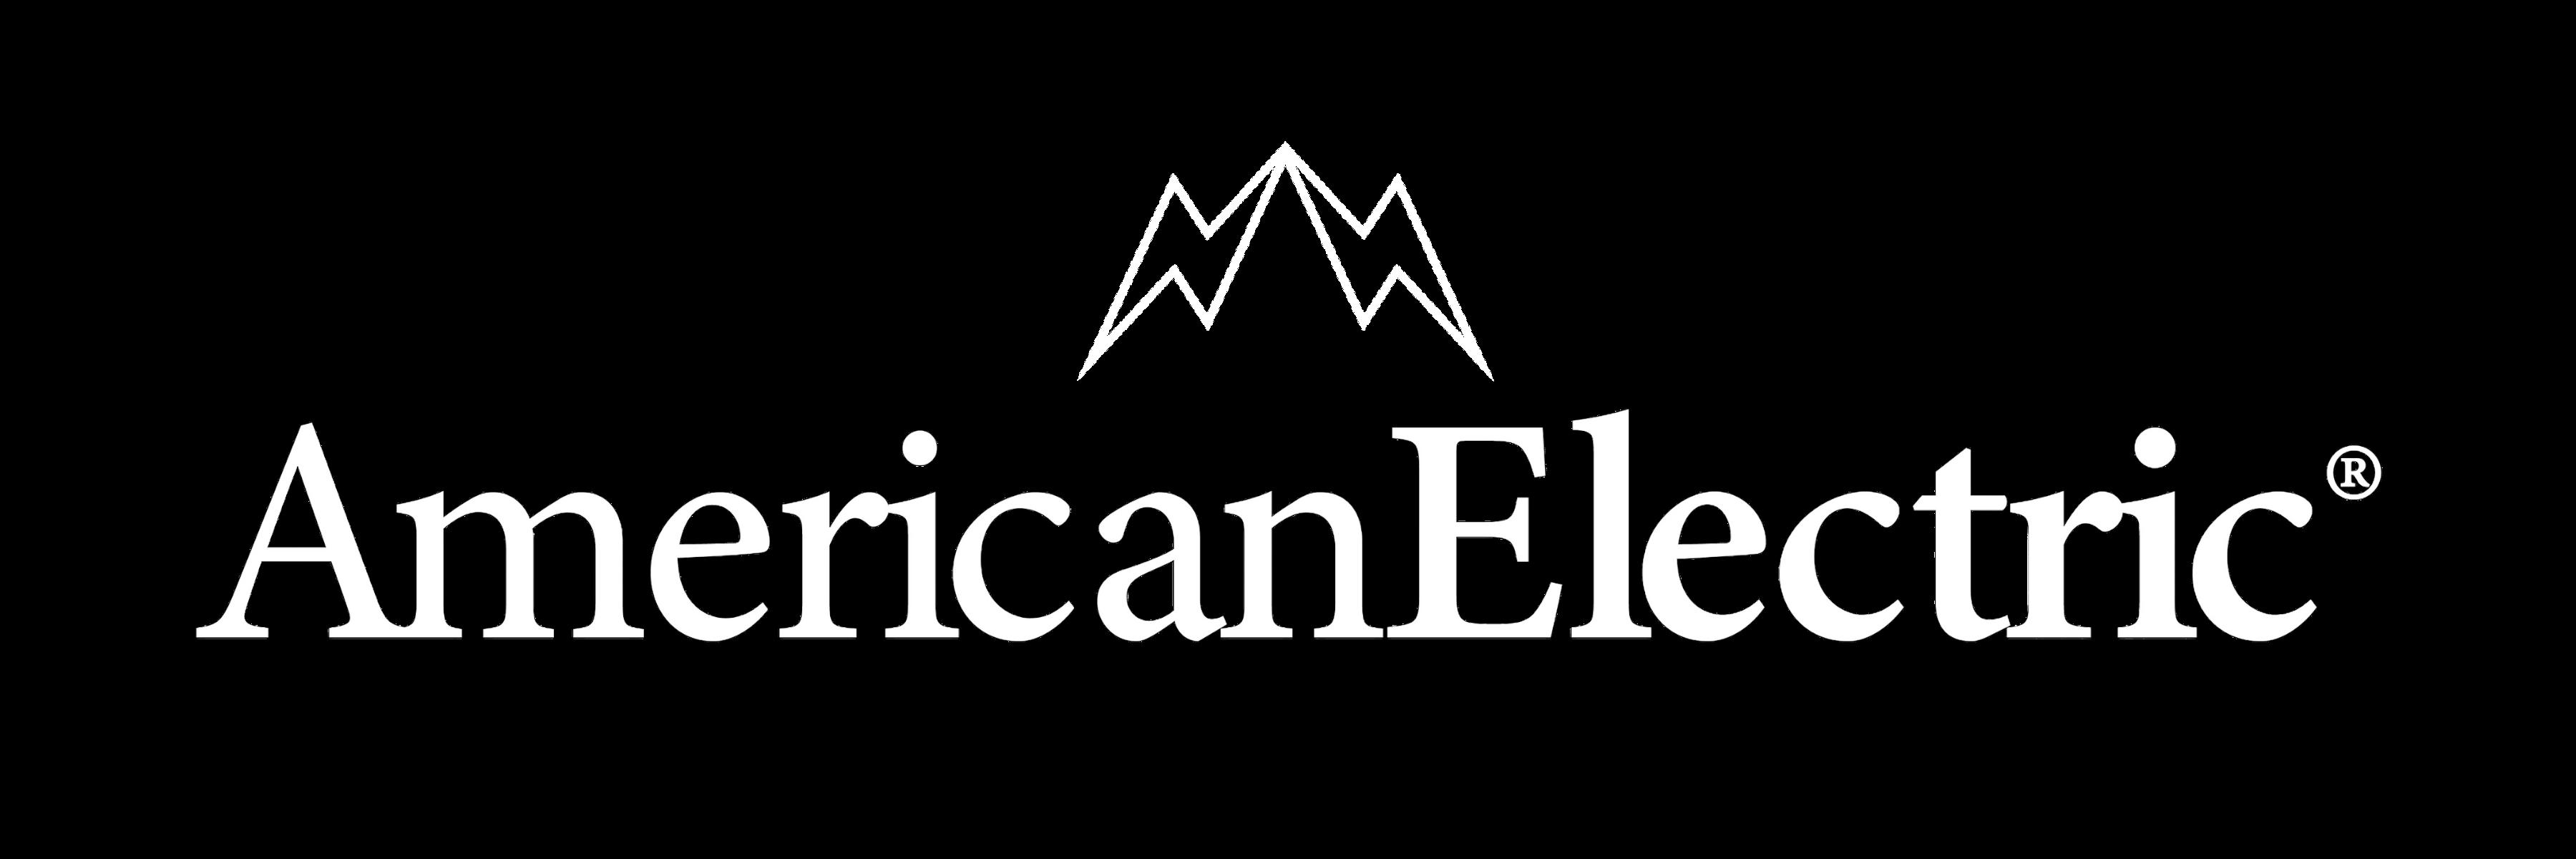 Electrify Expo American Electric logo